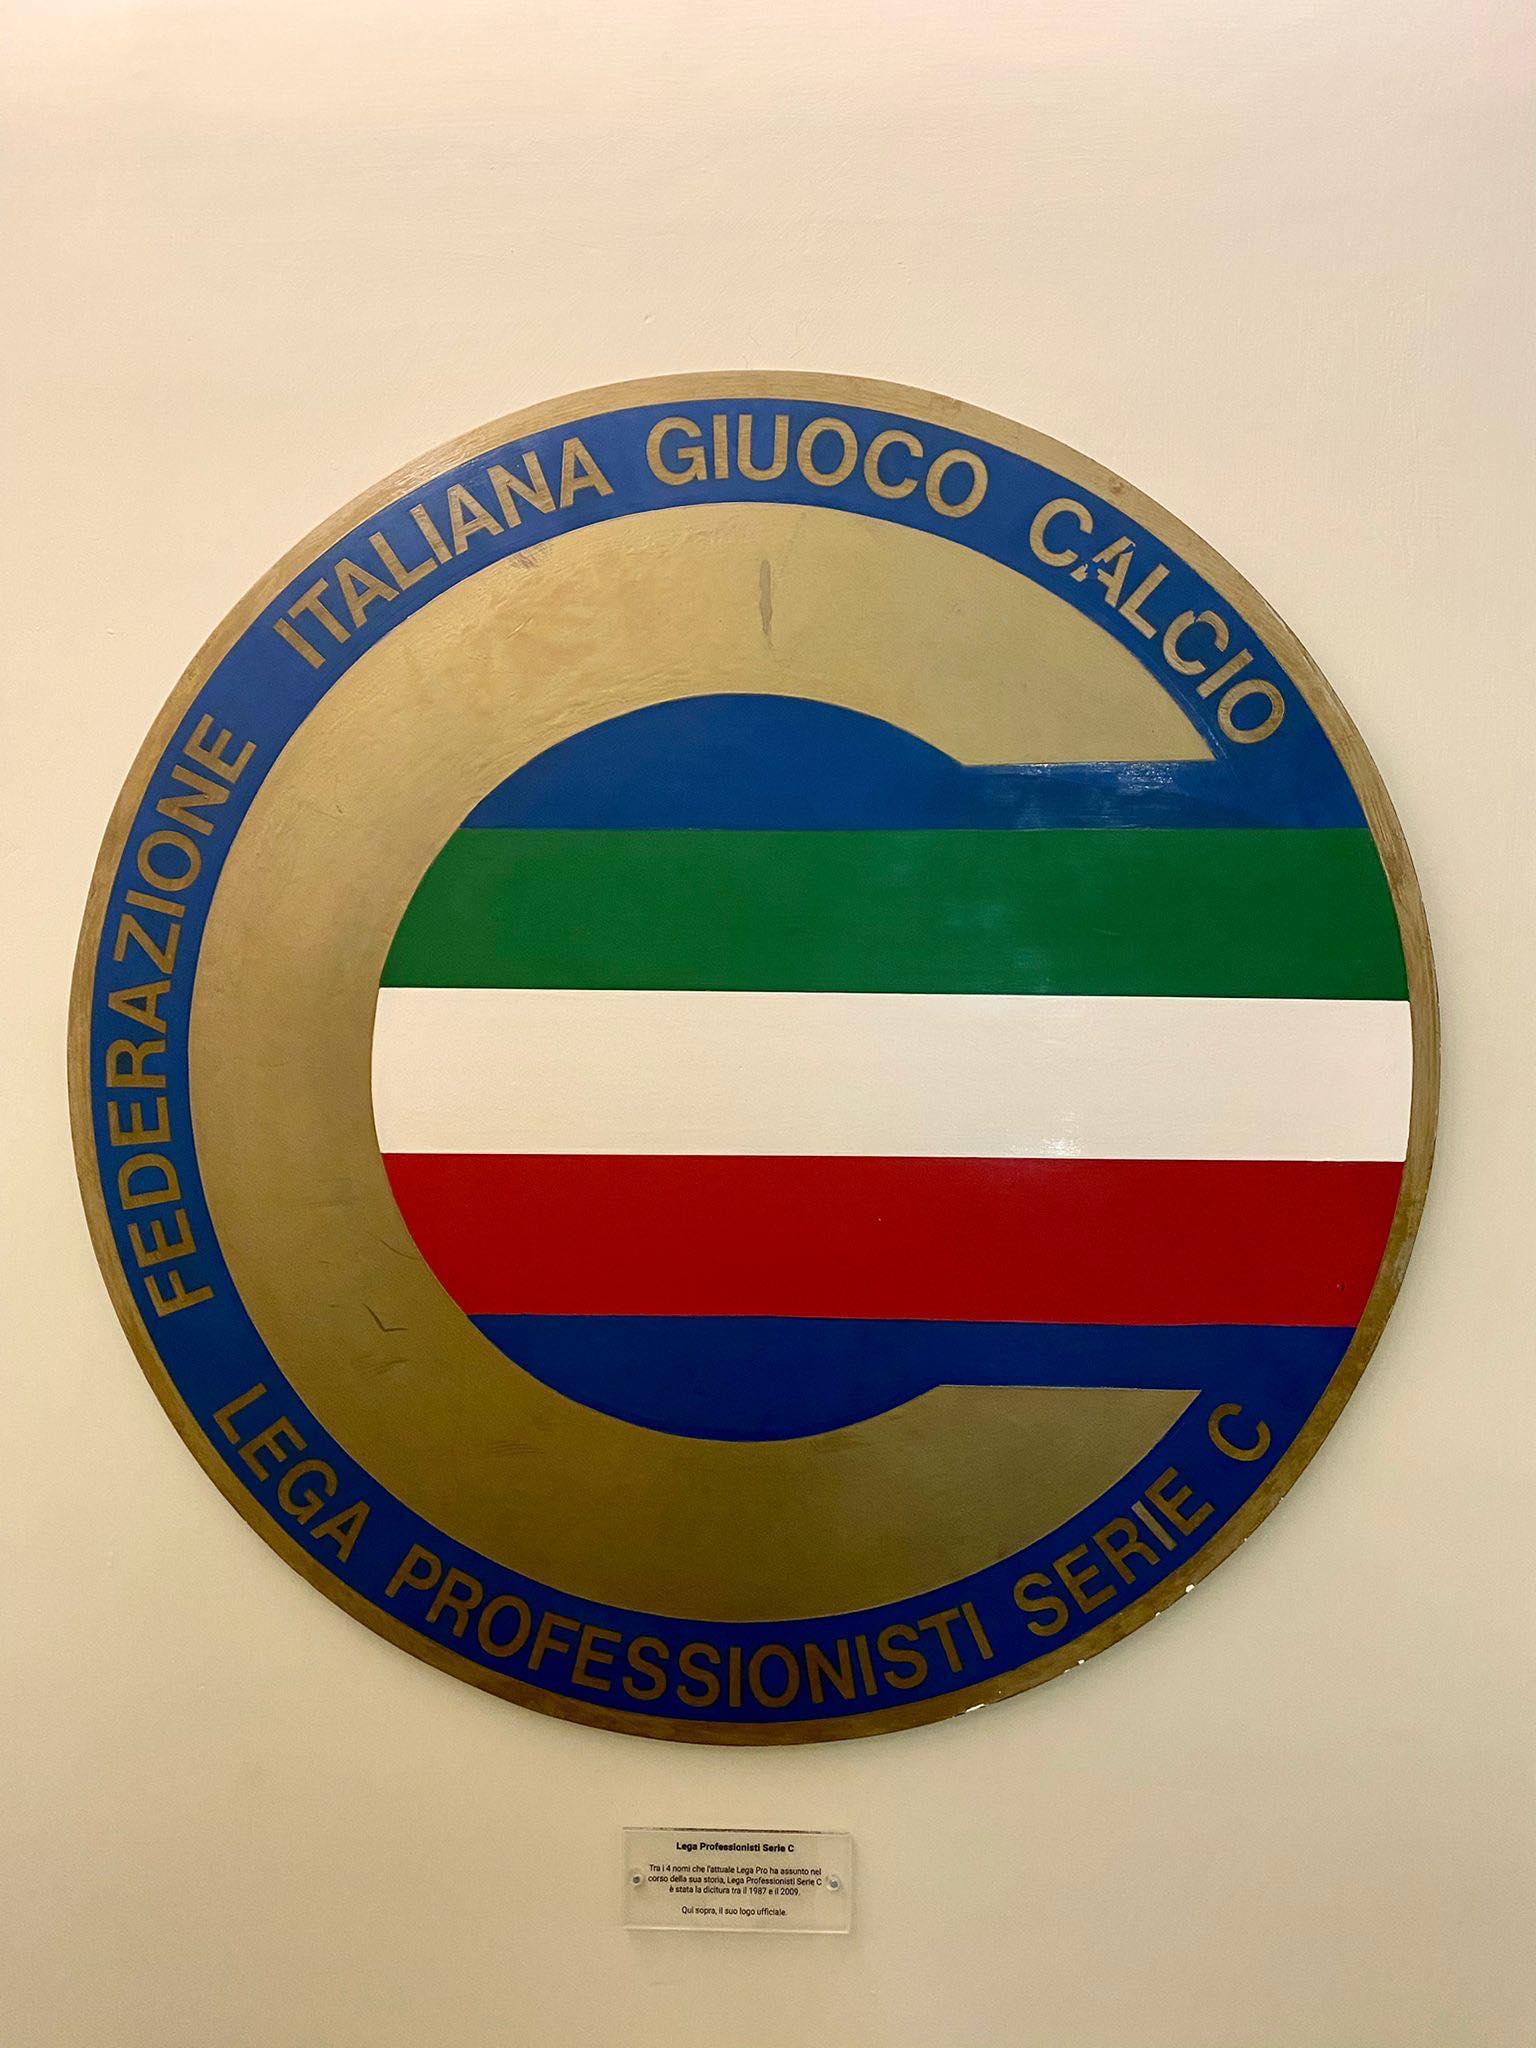 Samb, depositata la Fideiussione in Lega Pro